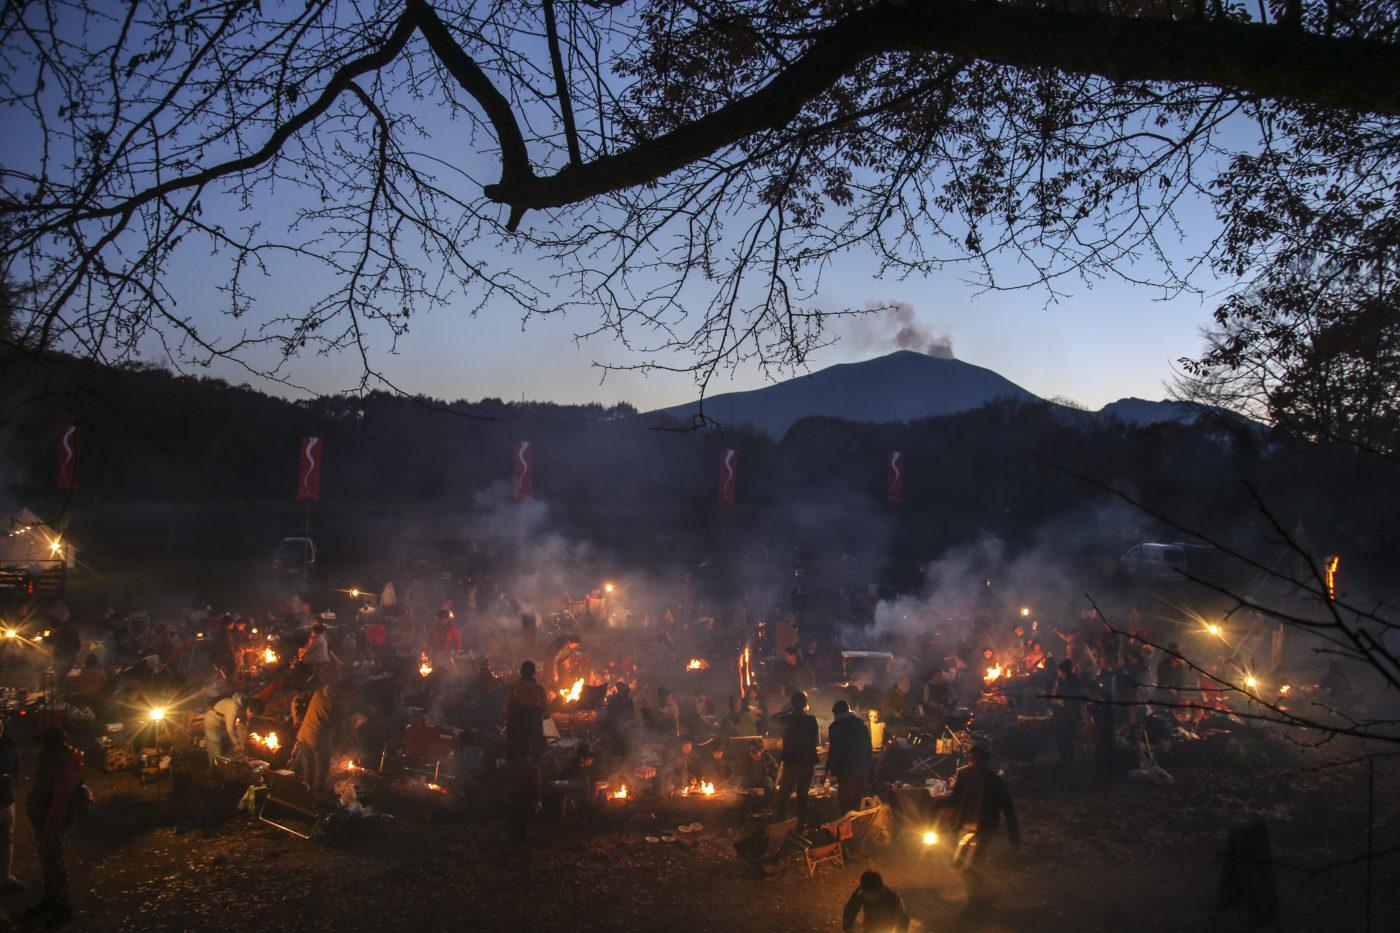 【アサマ狼煙2019】晩秋の北軽井沢スウィートグラスが焚き火の煙で包まれた!